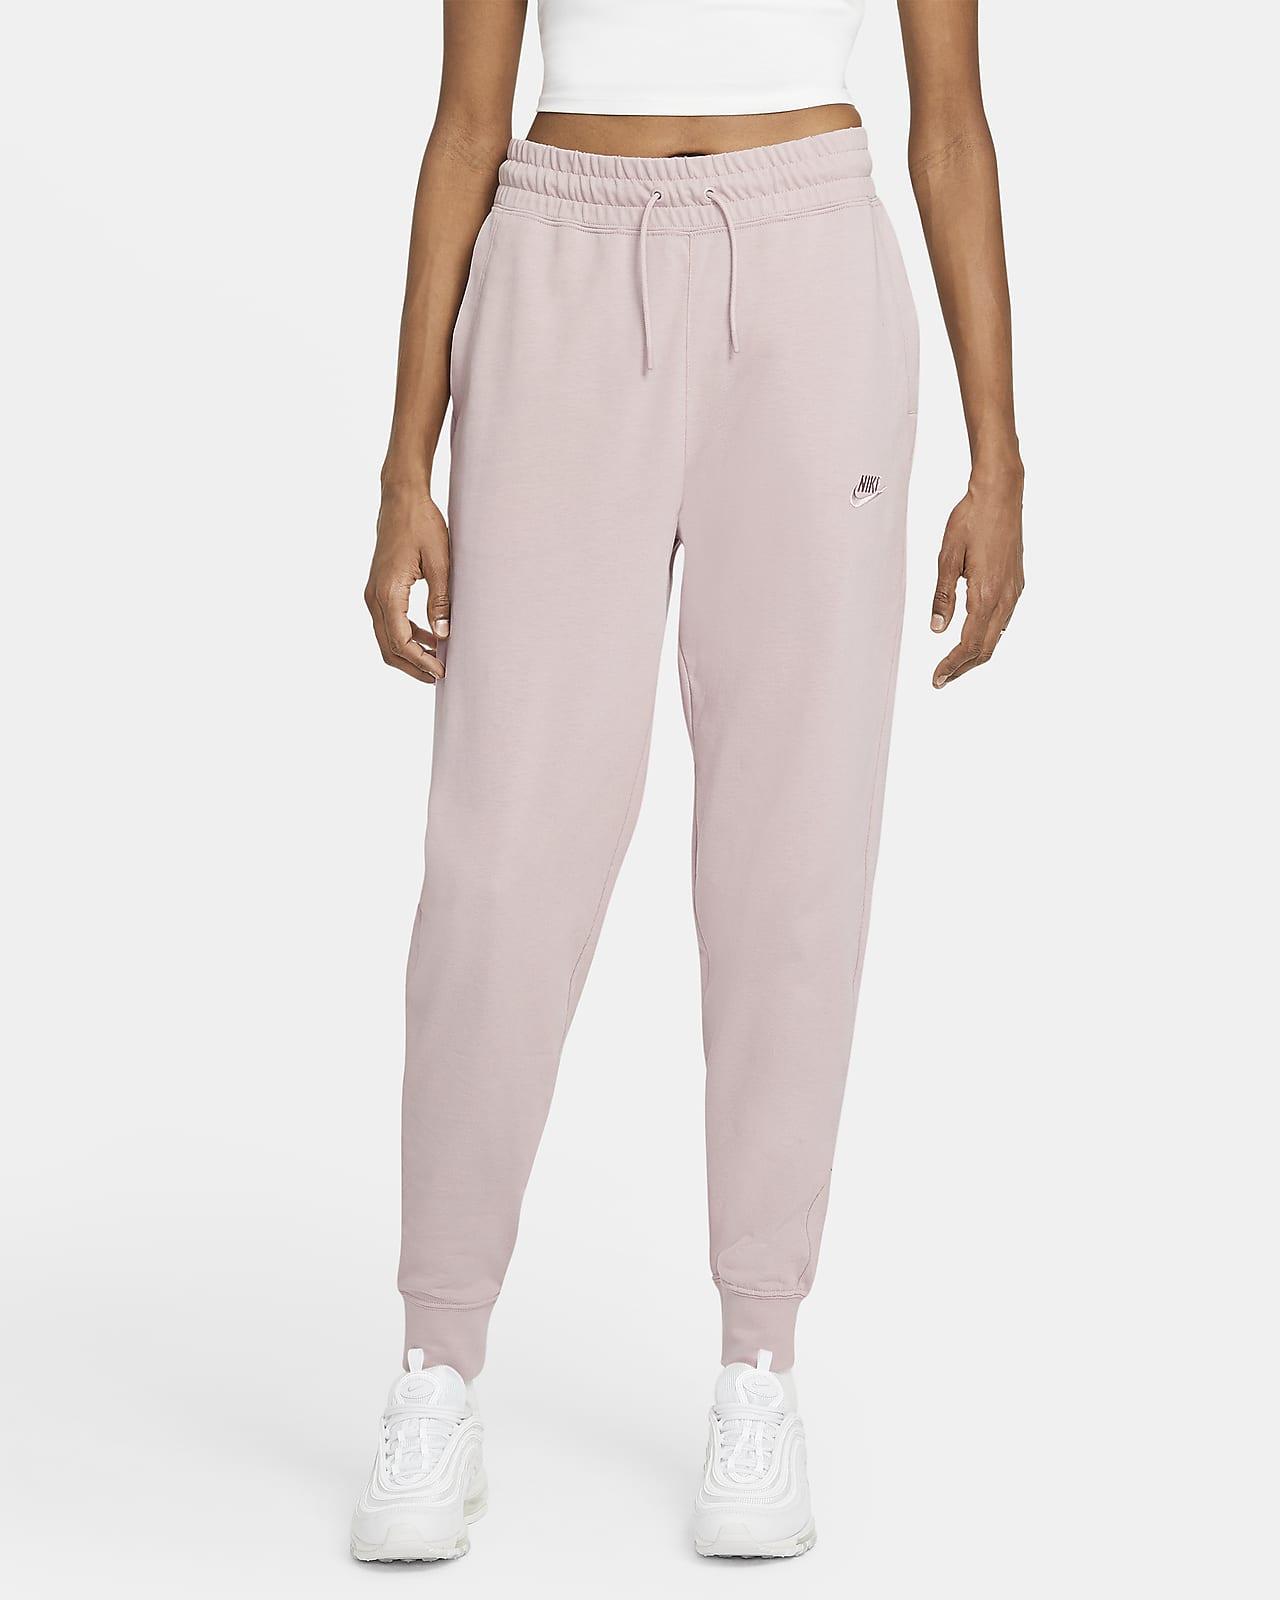 Nike Sportswear Women's Jersey Joggers